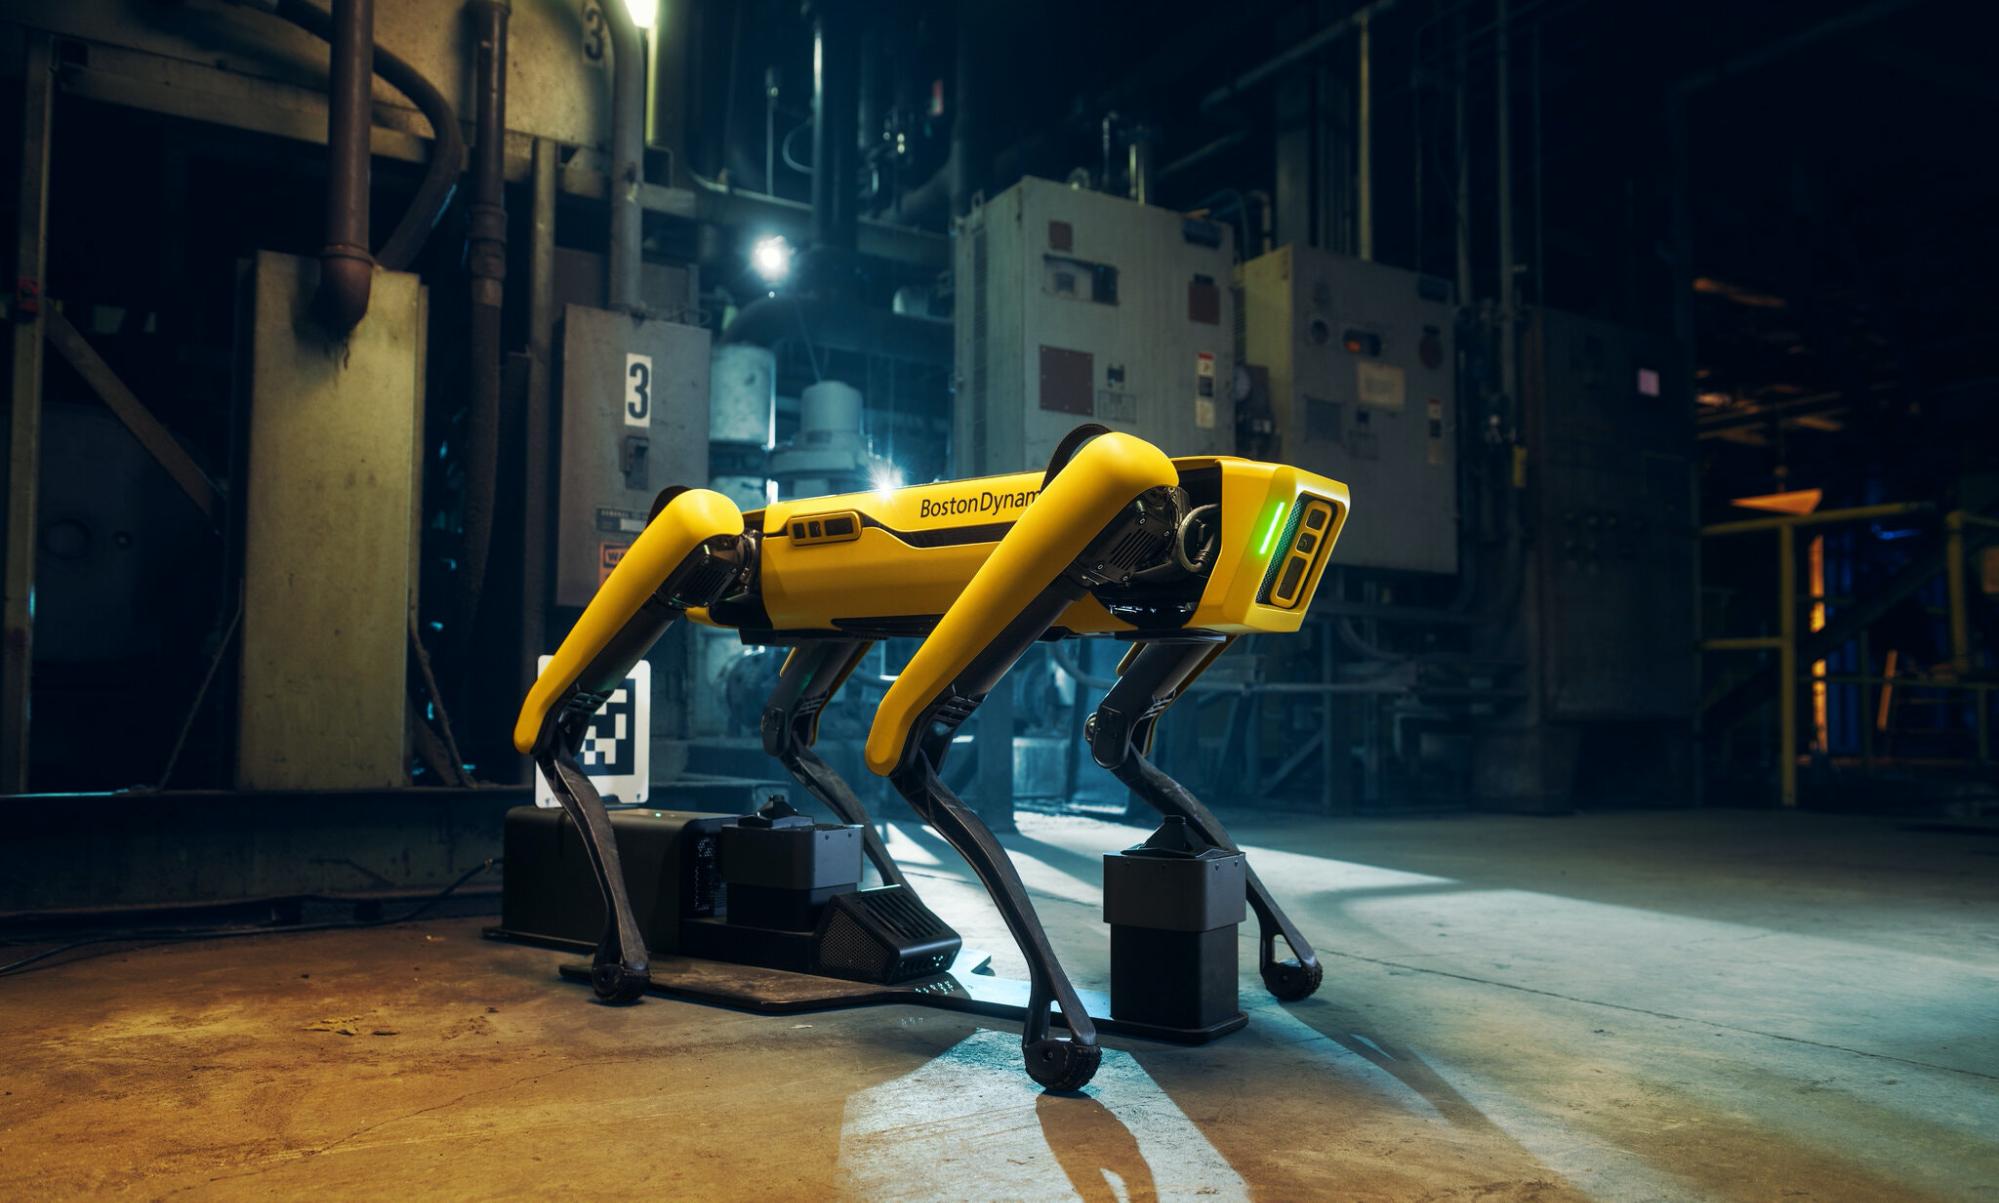 Нет оружию: полицейским в Нью-Йорке хотят запретить использовать вооруженных роботов - 1